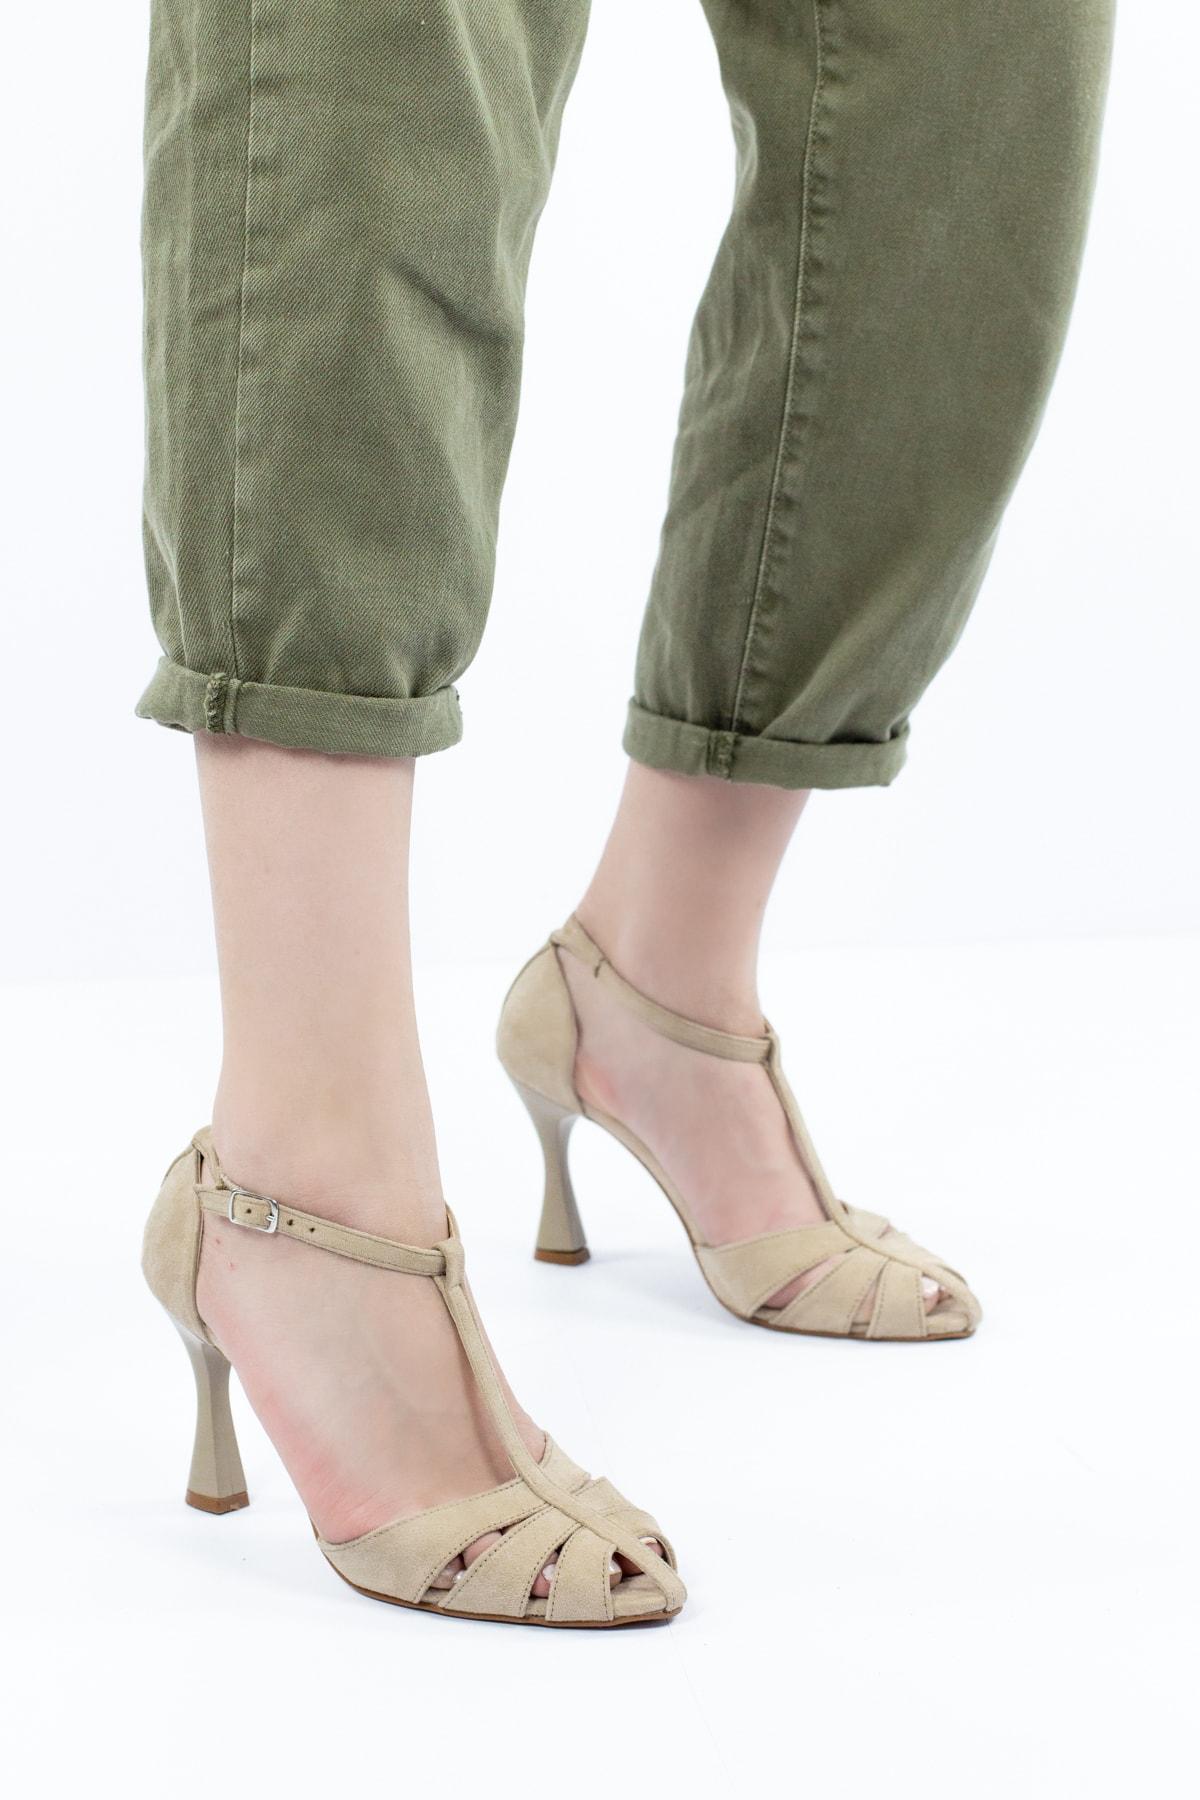 Princess Kadın Klasik Topuklu Ayakkabı